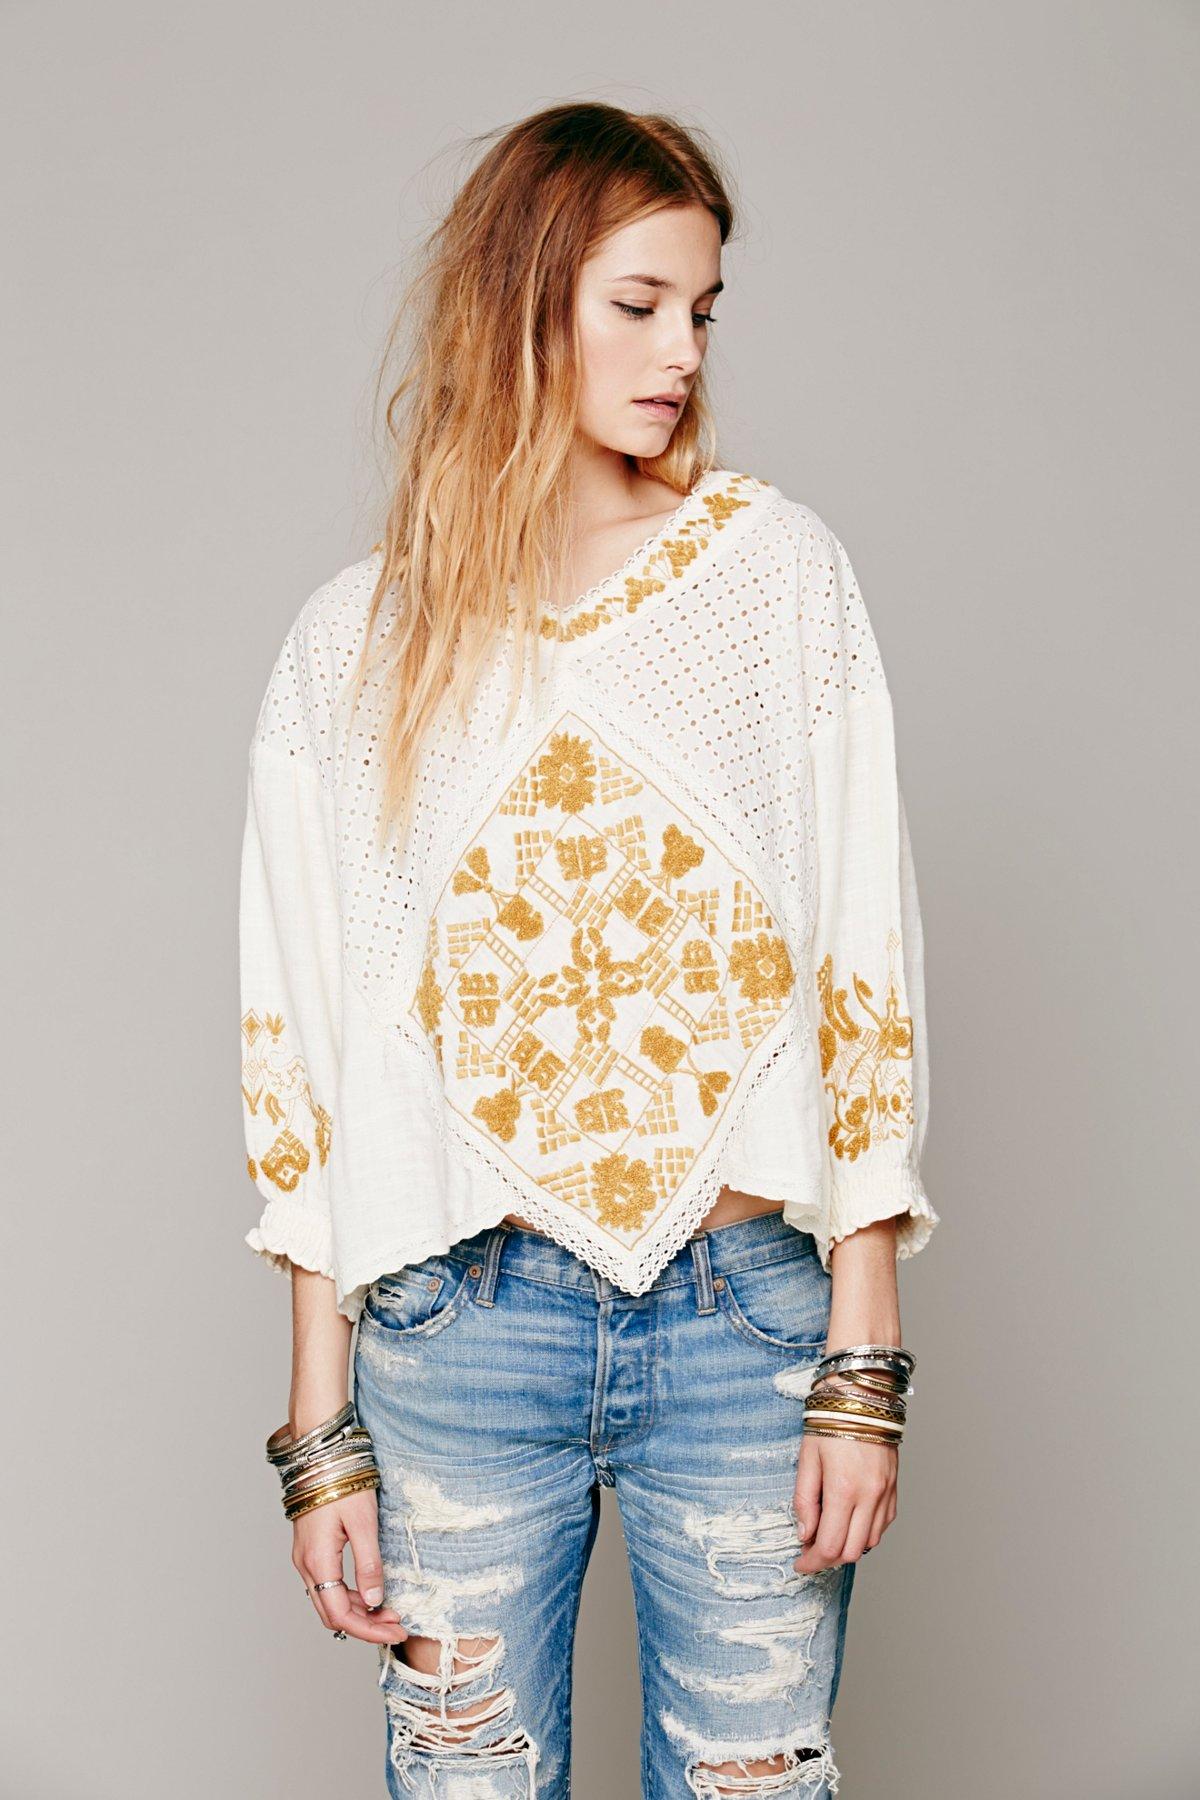 FP New Romantics Crochet Inset Top